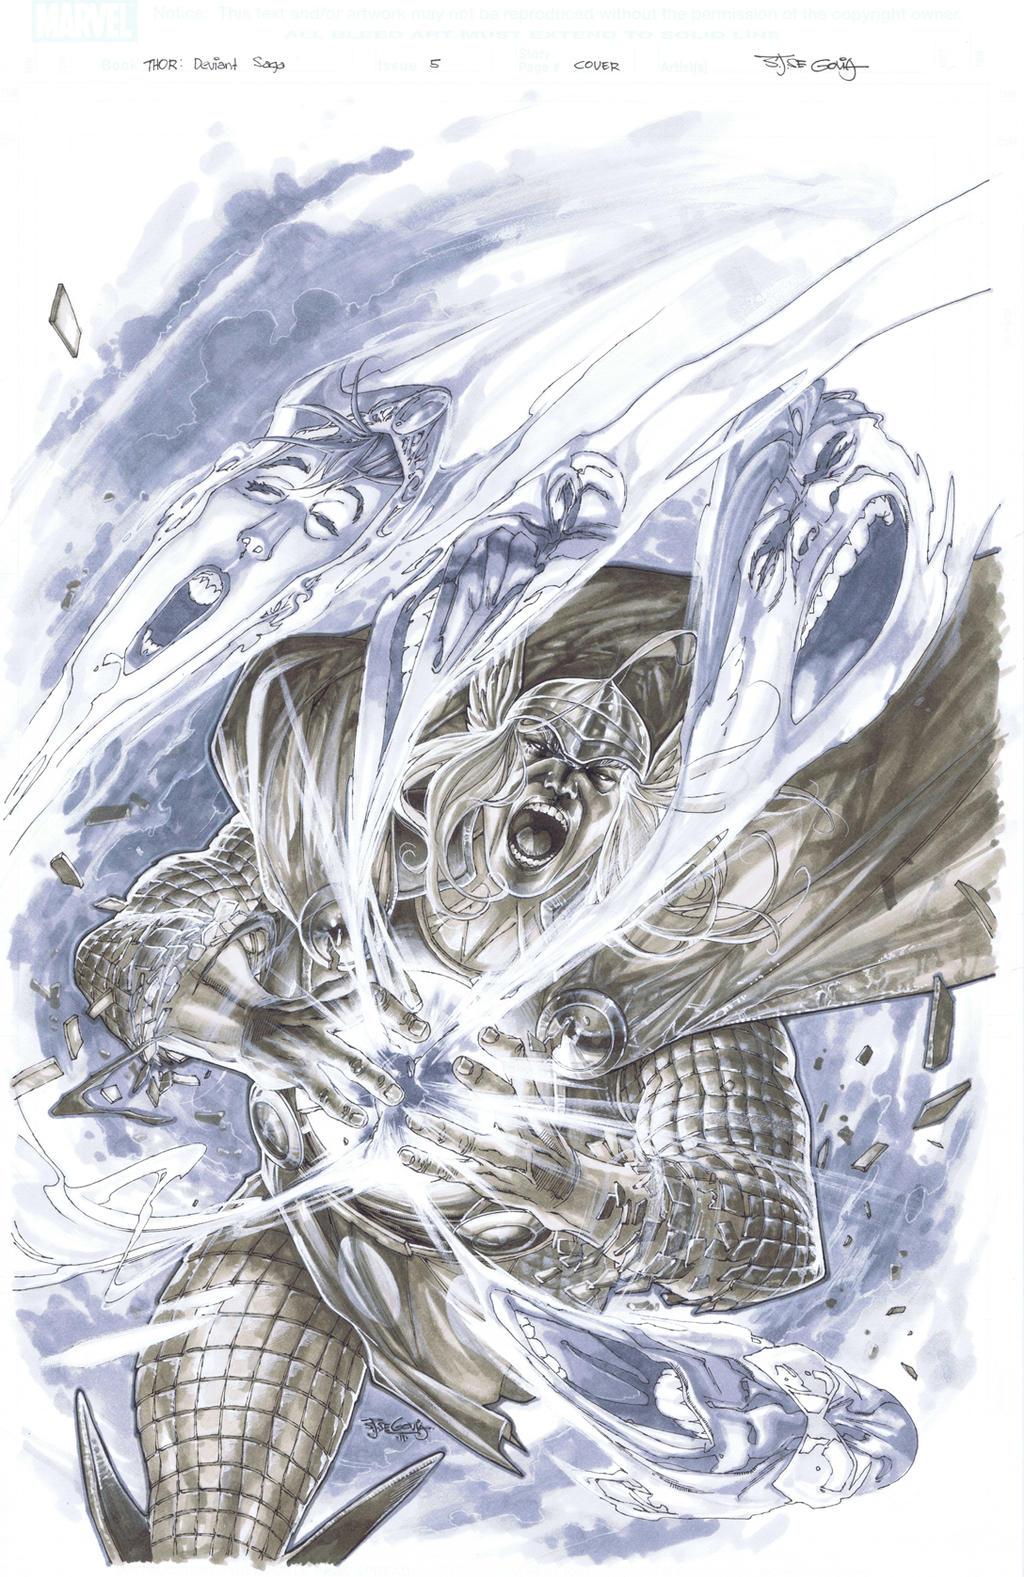 Thor Deviant Saga cover 5 by sjsegovia